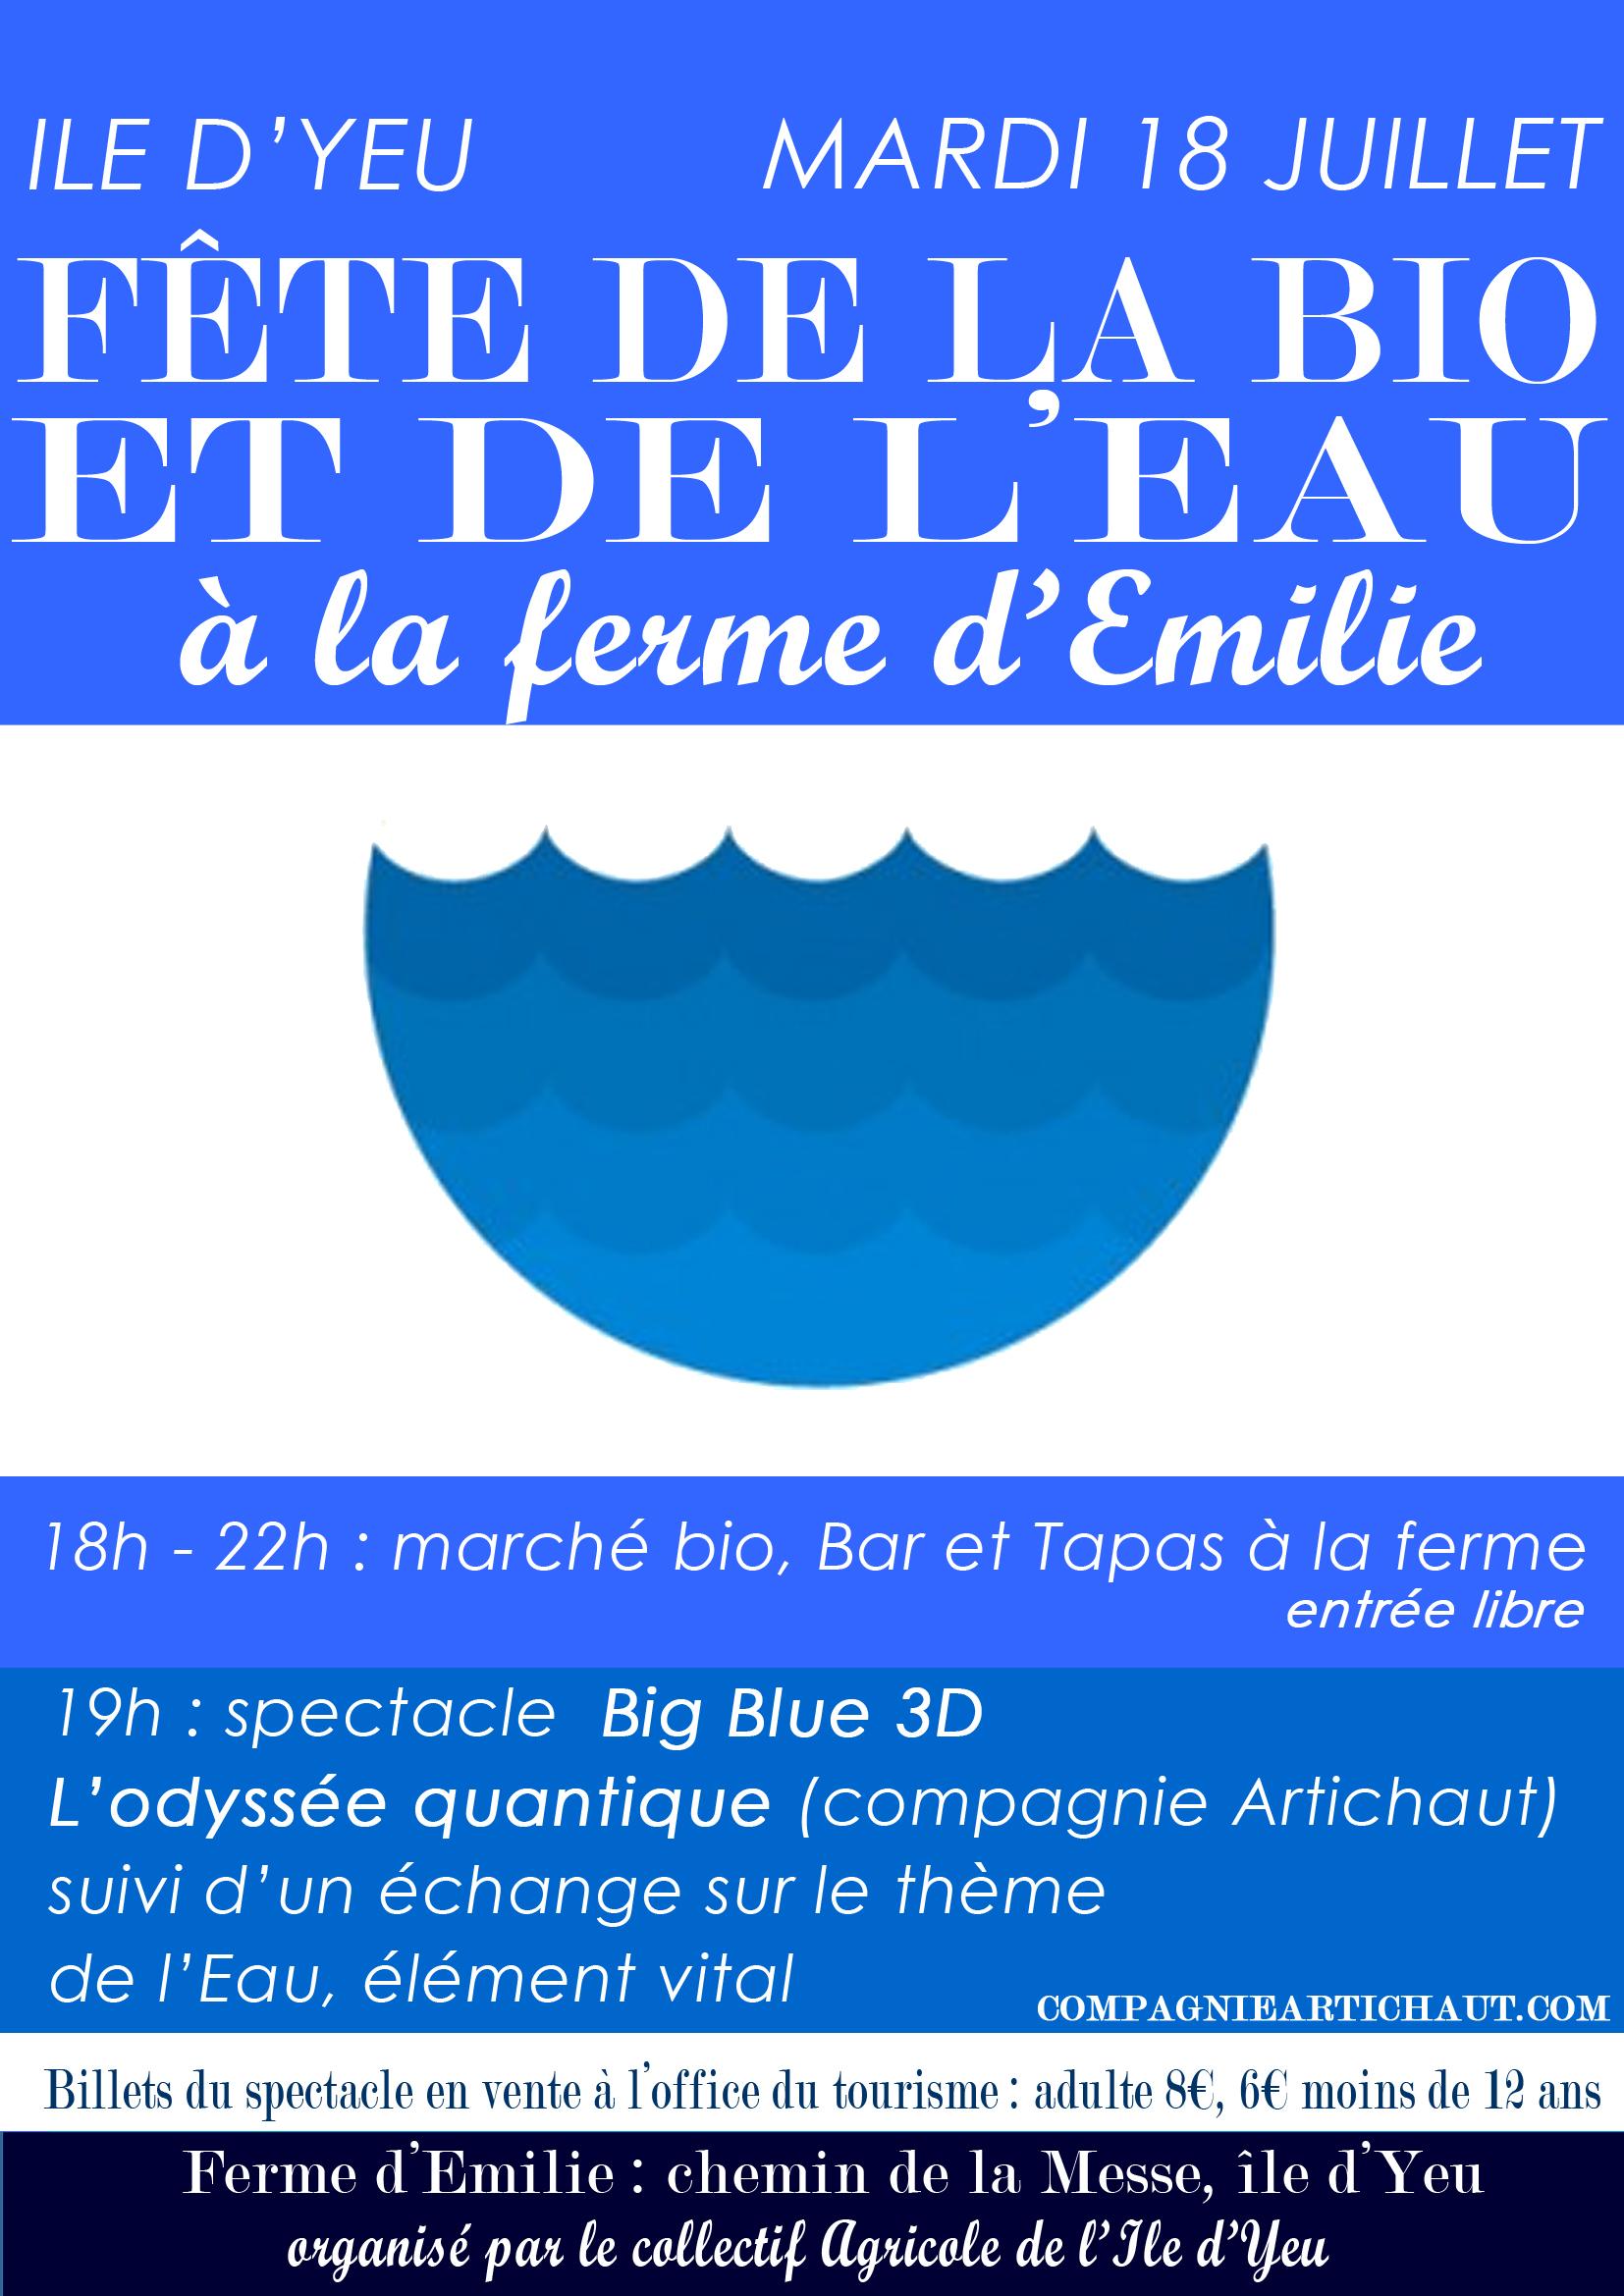 http://www.lafermedemilie.fr/www.lafermedemilie.fr/public_html/wp-content/uploads/2017/06/feteBIO.jpg